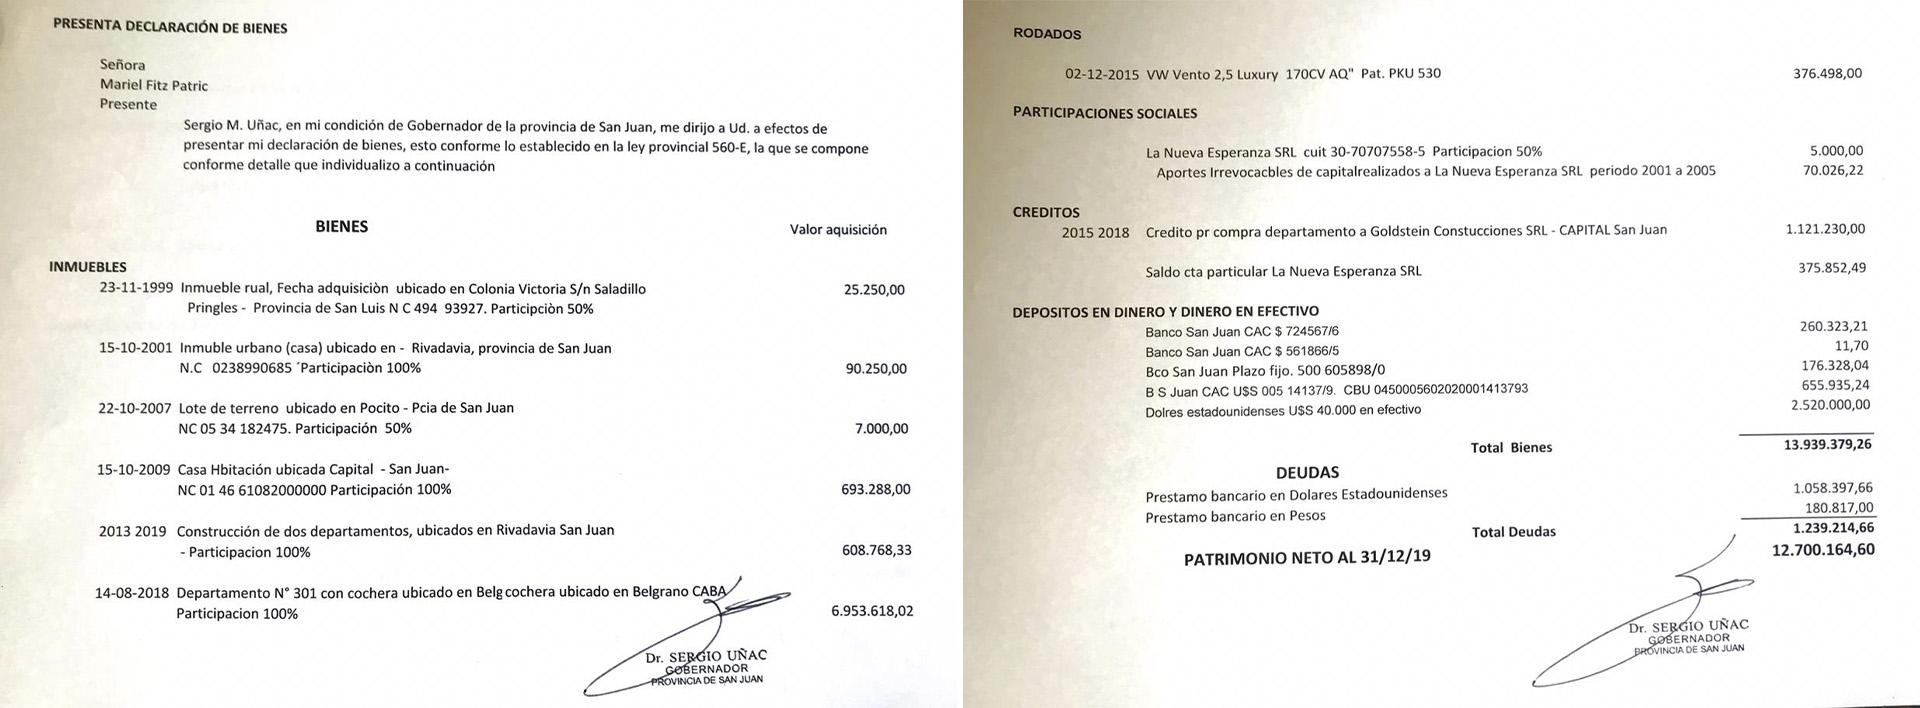 La nota con el detalle de su patrimonio enviada por Uñac a Infobae.